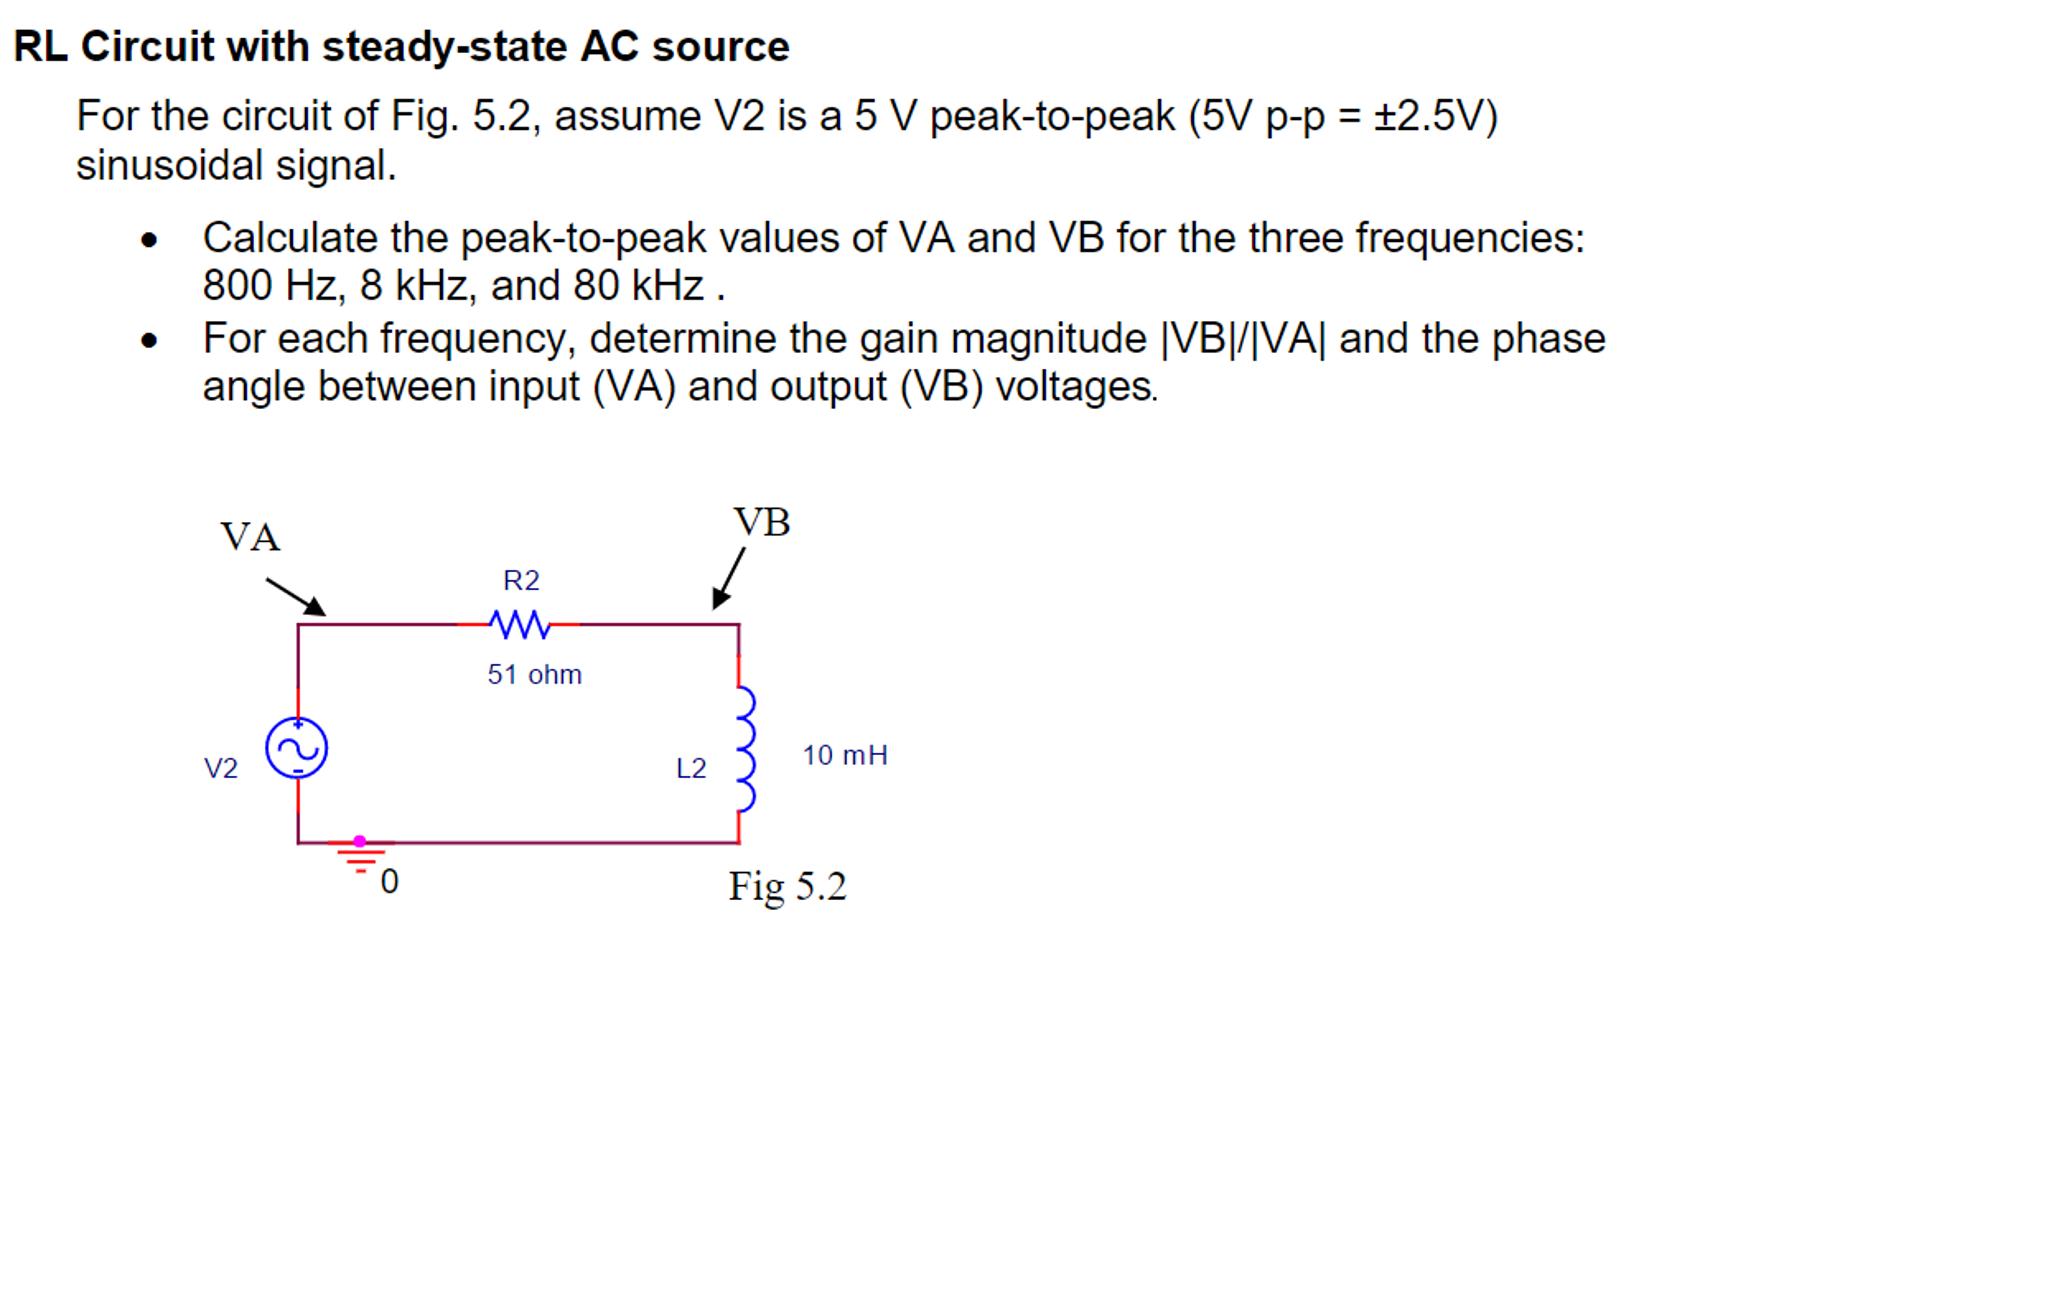 logic diagram isa 5 2 repair manual Classical Mechanics Diagram